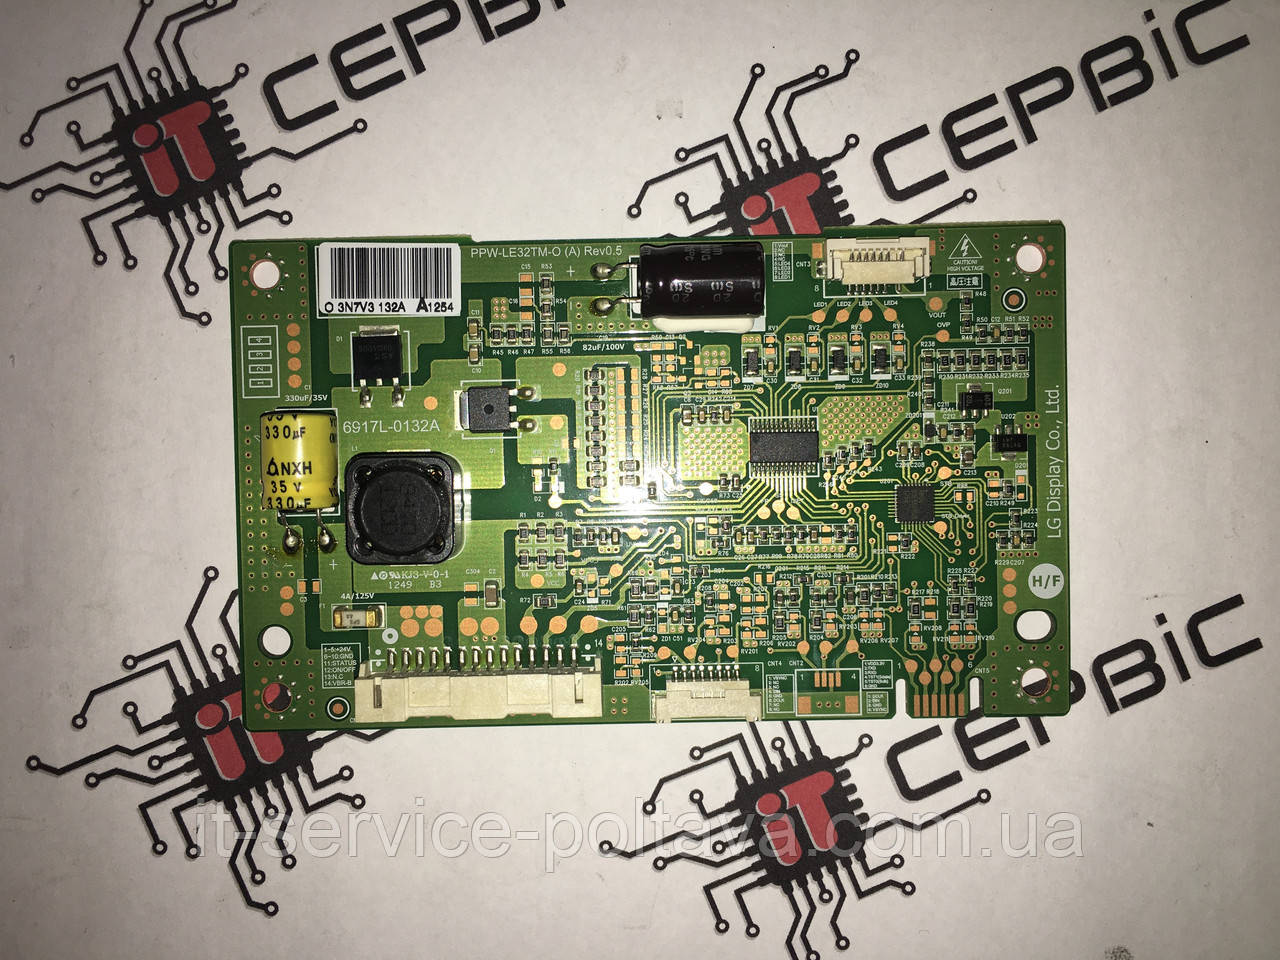 Інвертор 6917L-0132A PPW-LE32TM-O для телевізора LG 32LA660V